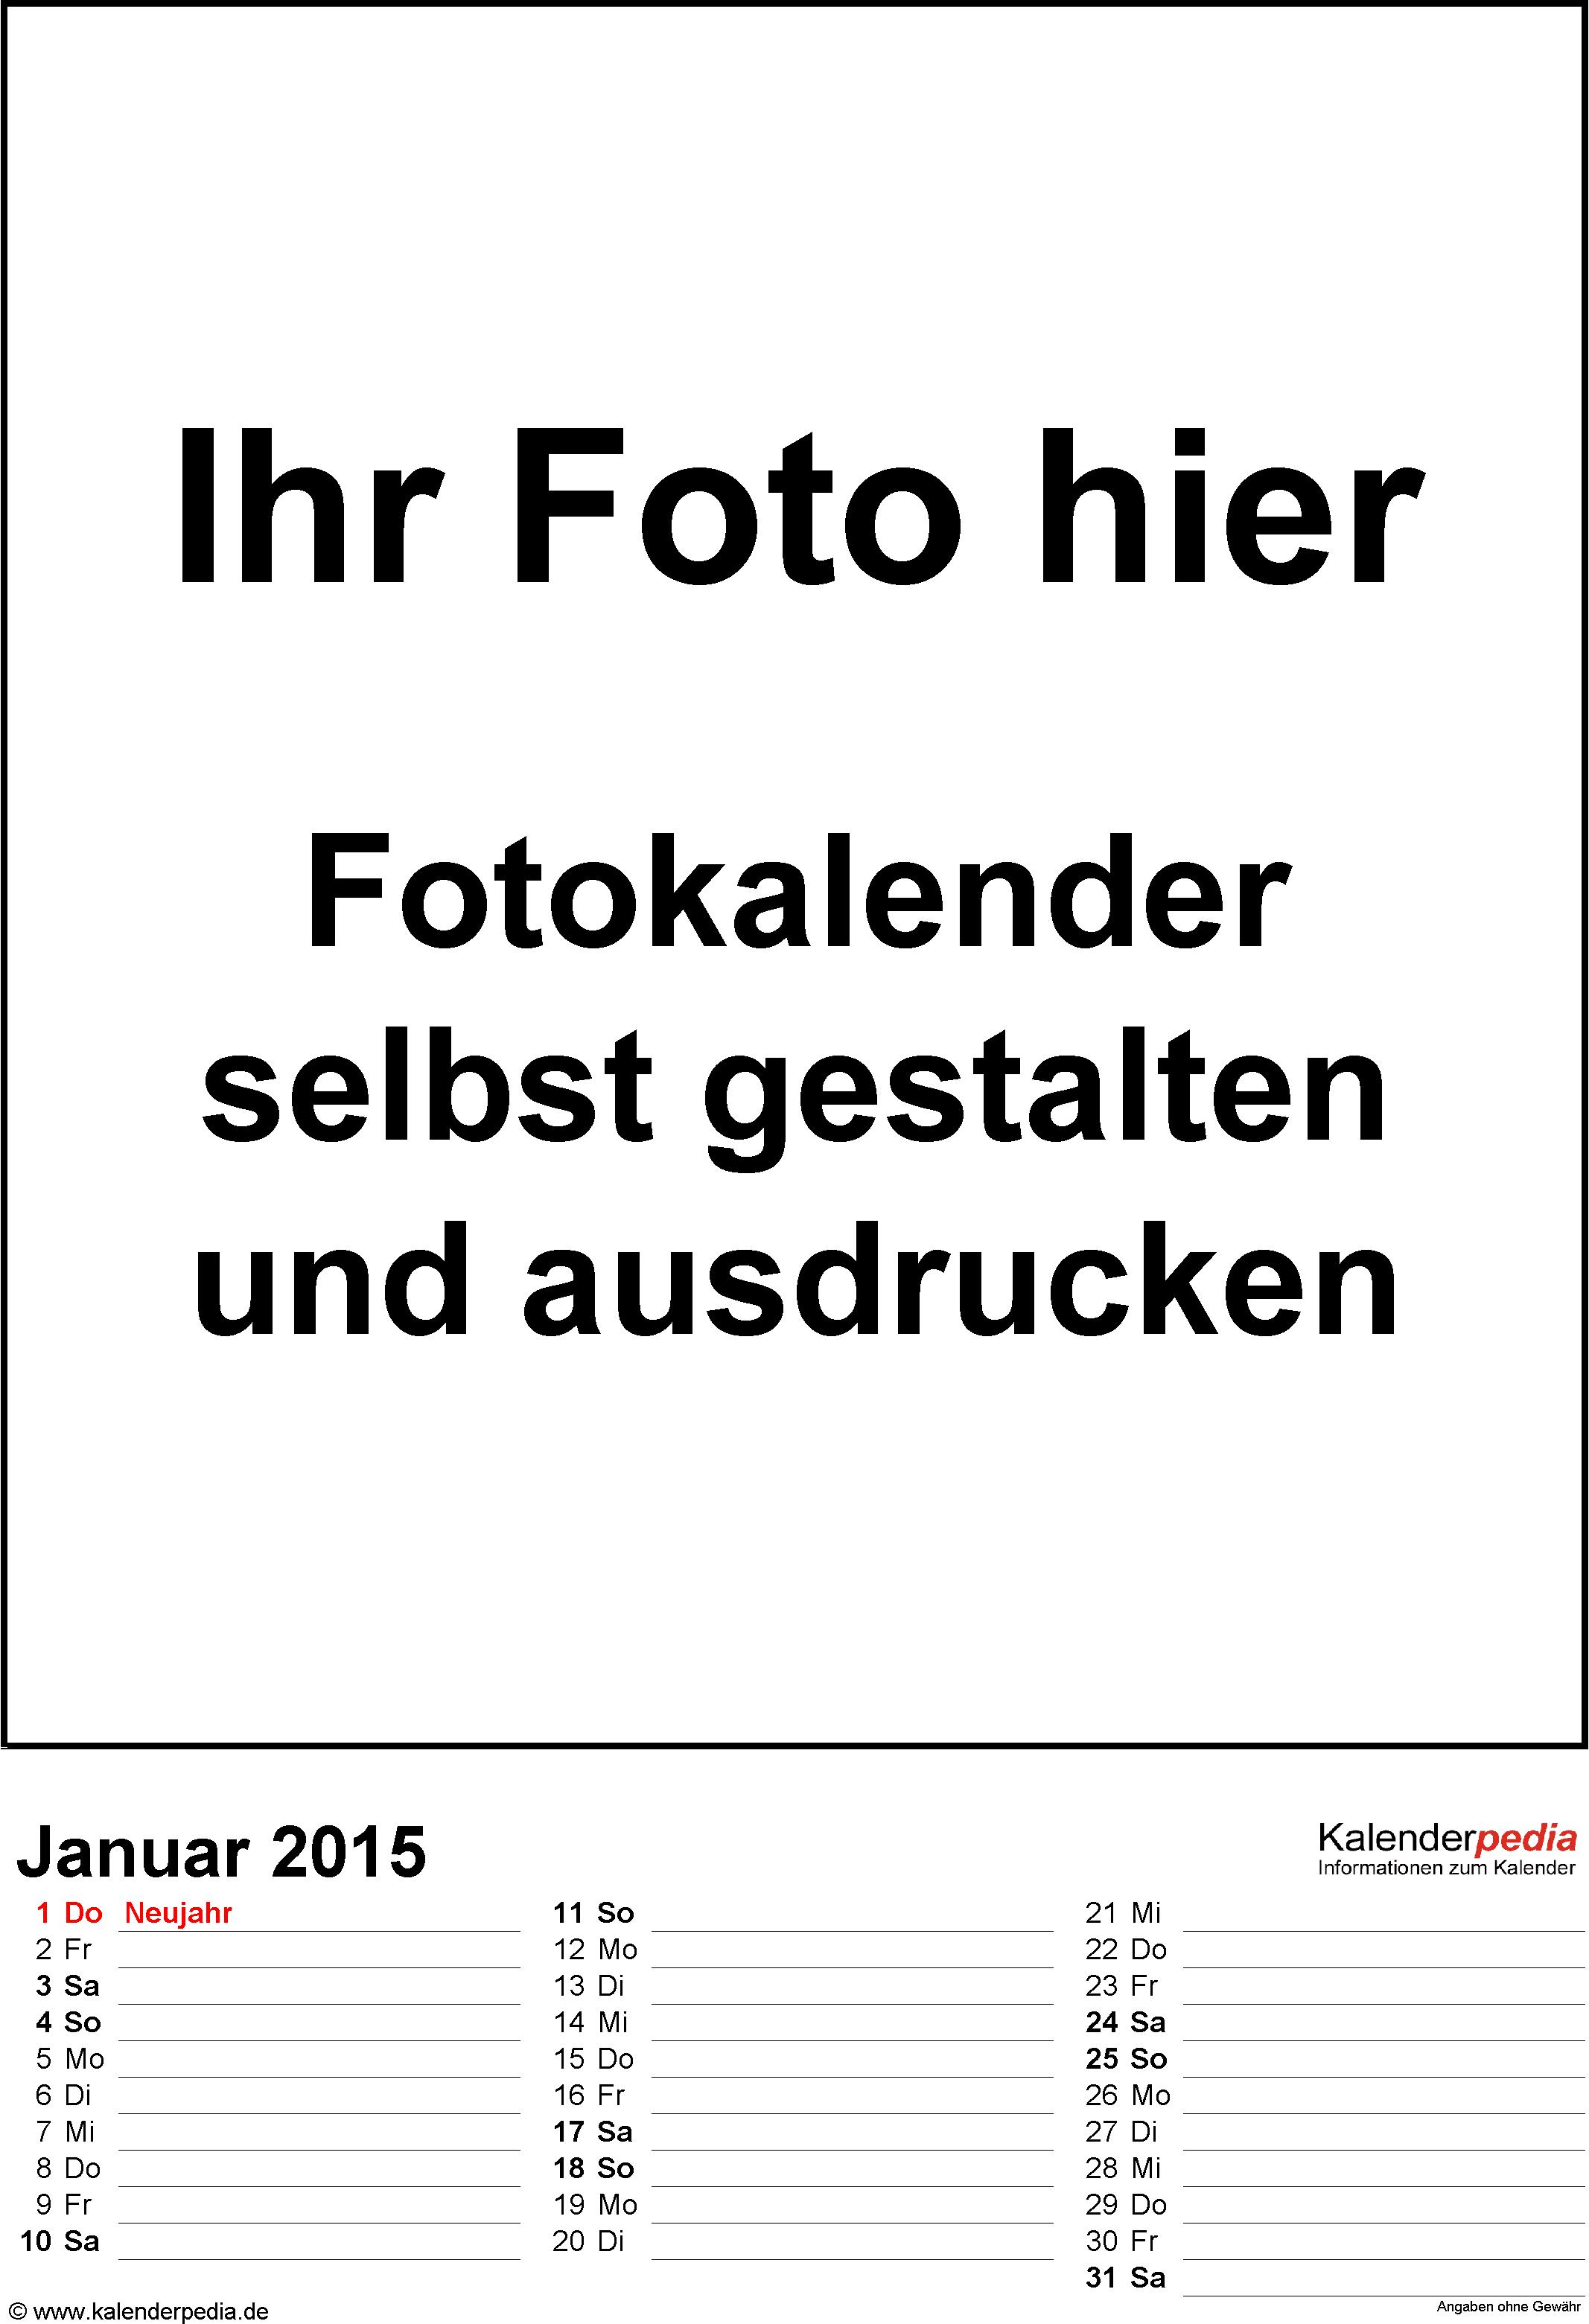 Vorlage 3: Word-Vorlage für Fotokalender 2015 (dreispaltig)